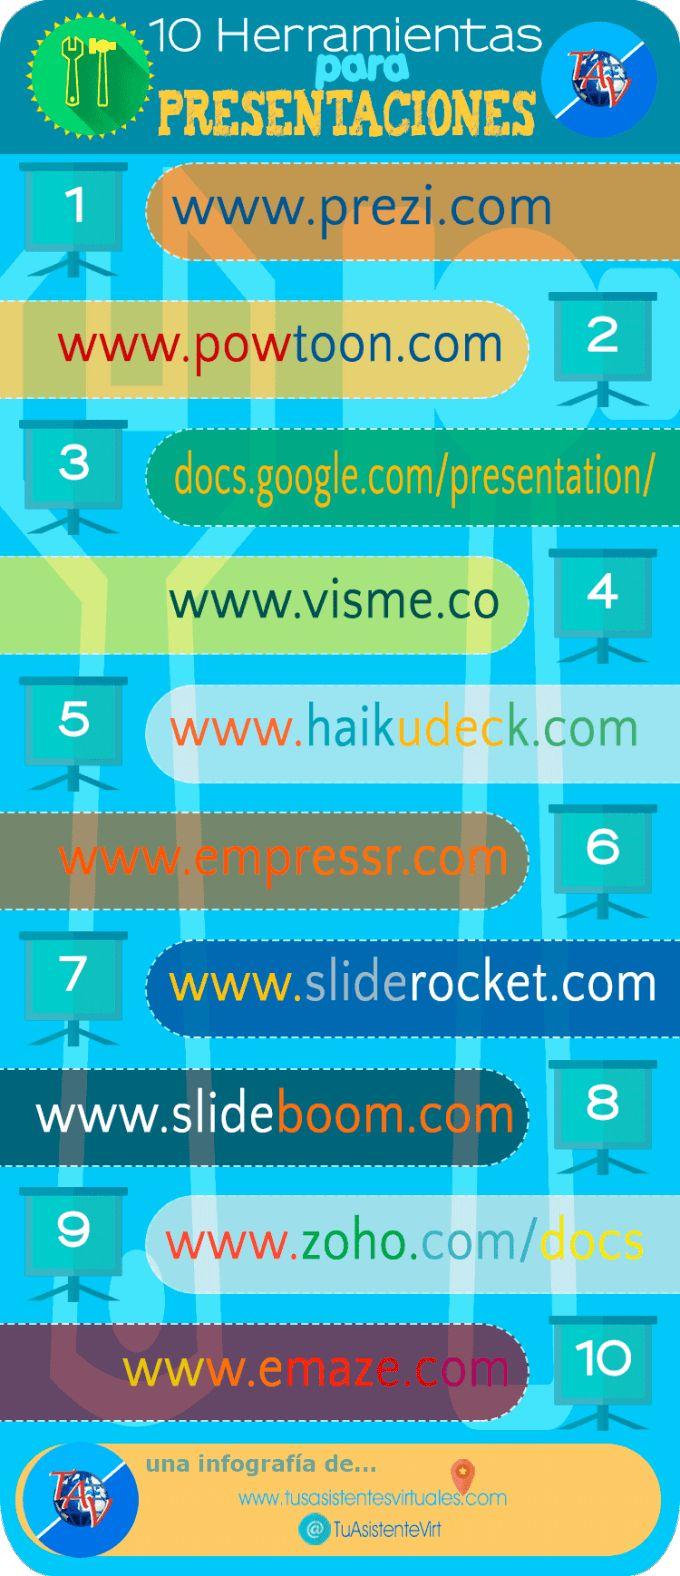 PresentacionesImpactantes10HerramientasTICAula-Infografía-BlogGesvin